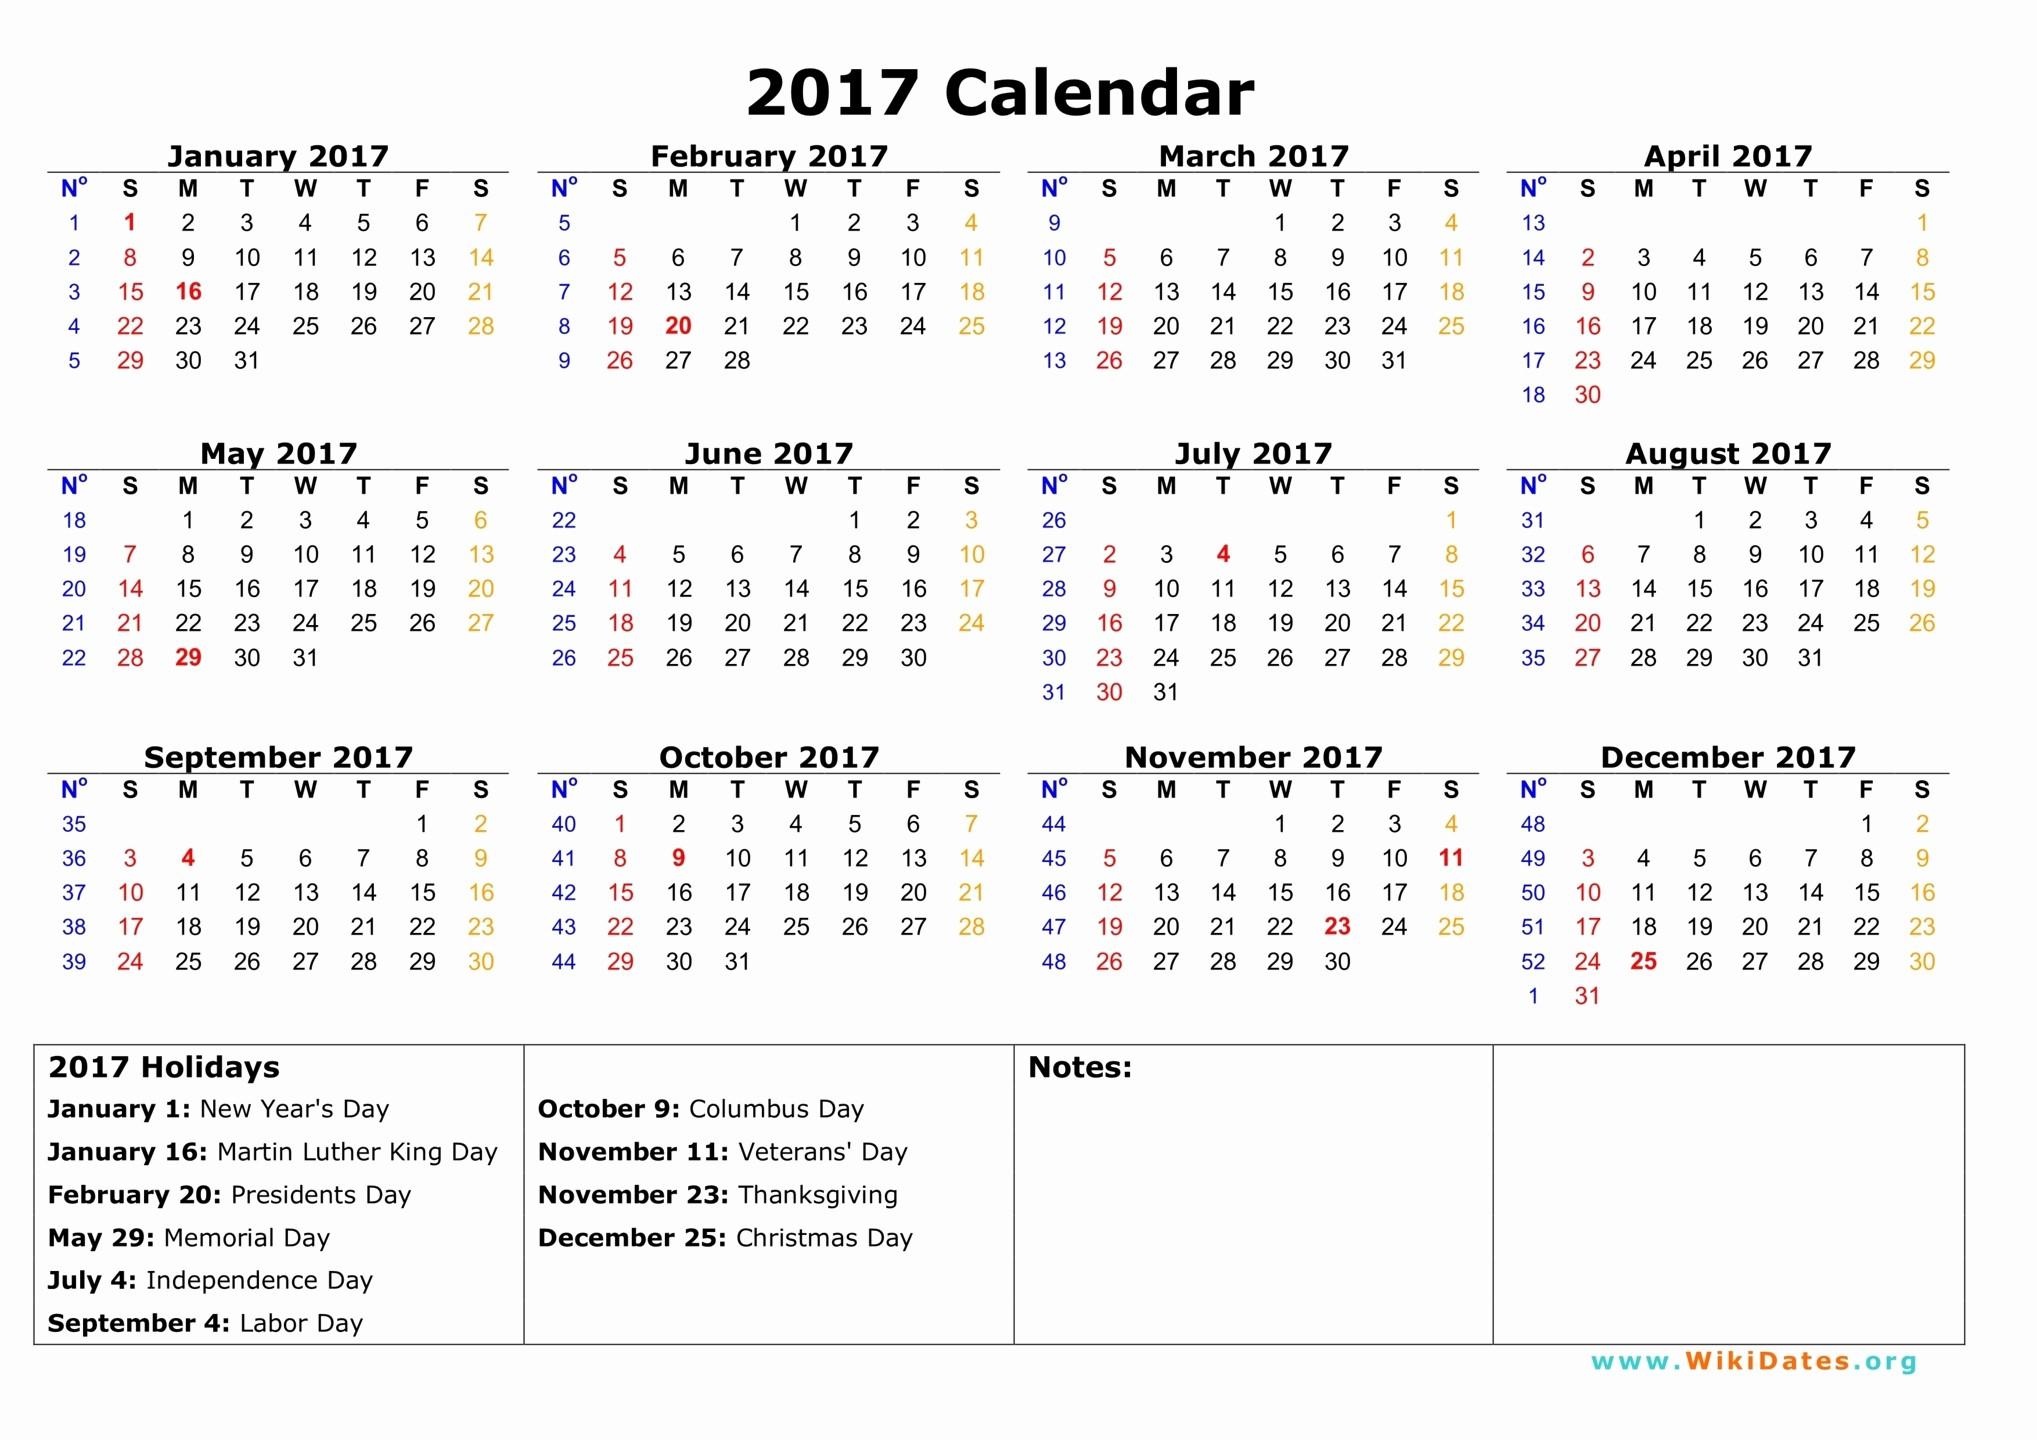 Calendar 2017 Template with Holidays Beautiful 2017 Calendar